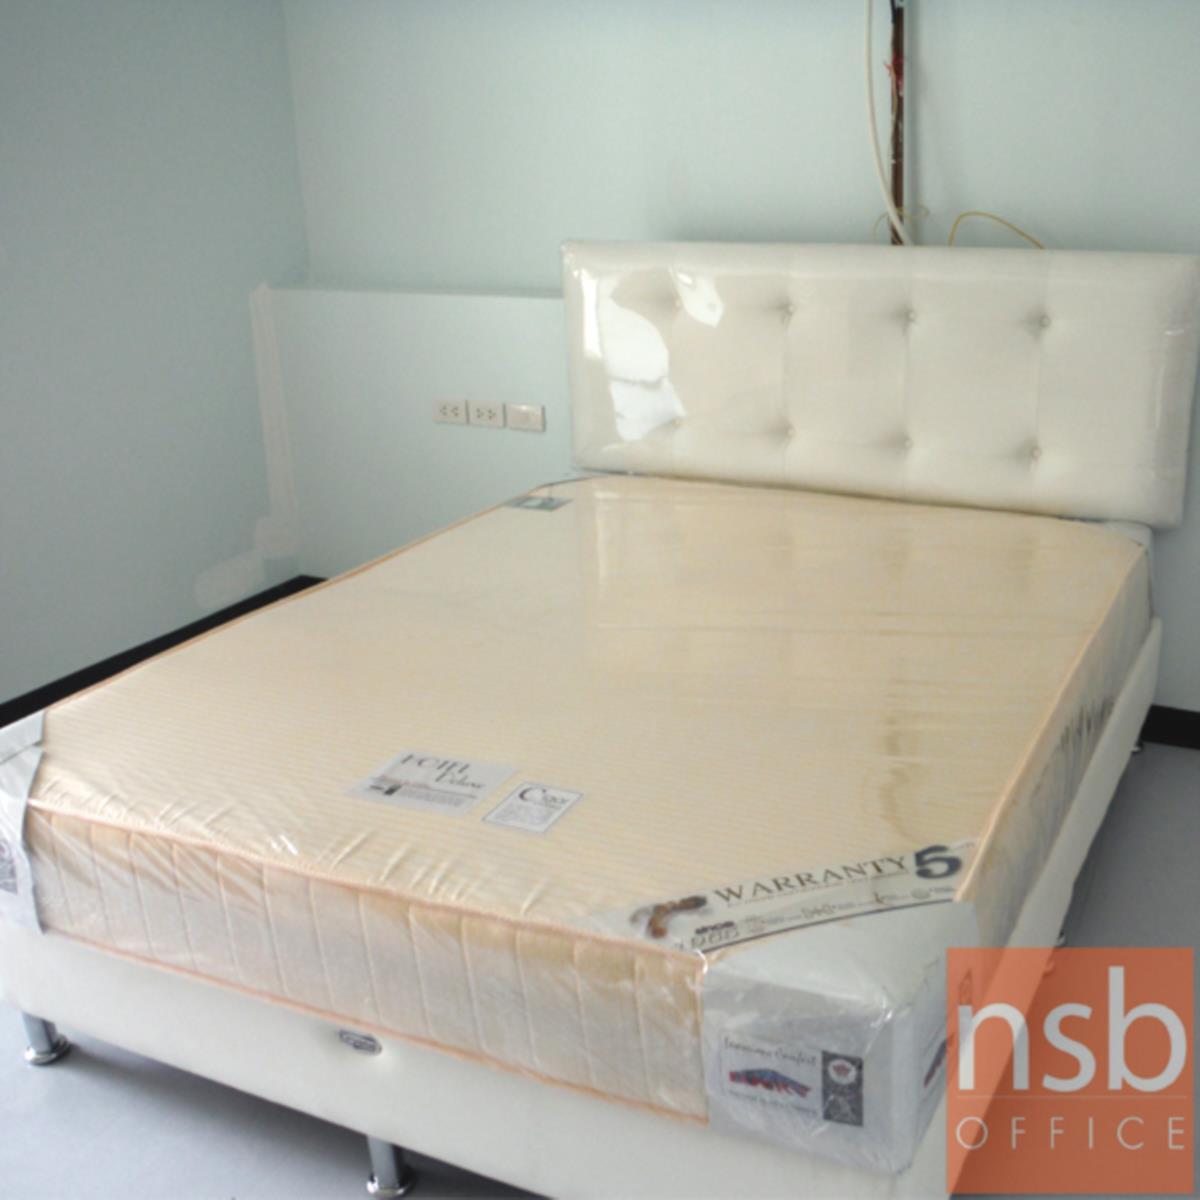 เตียงหัวสูงสไตล์โมเดิร์น  รุ่น RA011 เสริมขา (ผลิต 3 ขนาด 3.5,  5 และ 6 ฟุต)